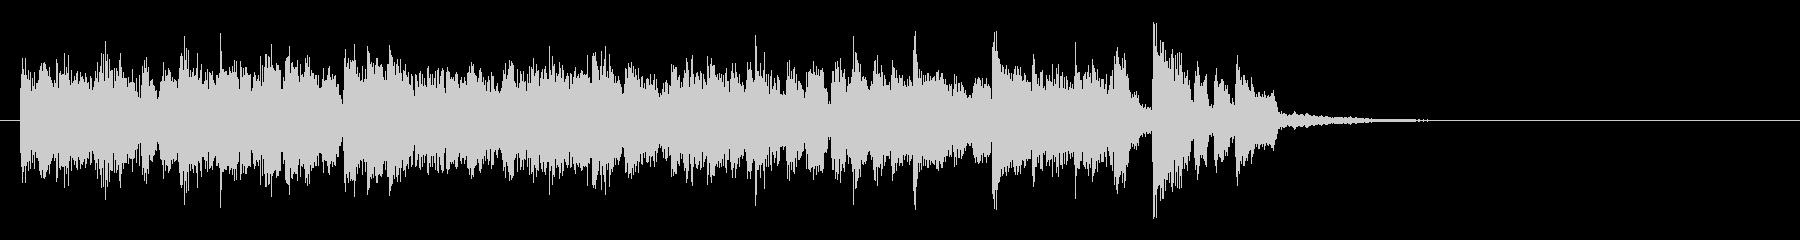 アコギのクラシカルでフラメンコなジングルの未再生の波形